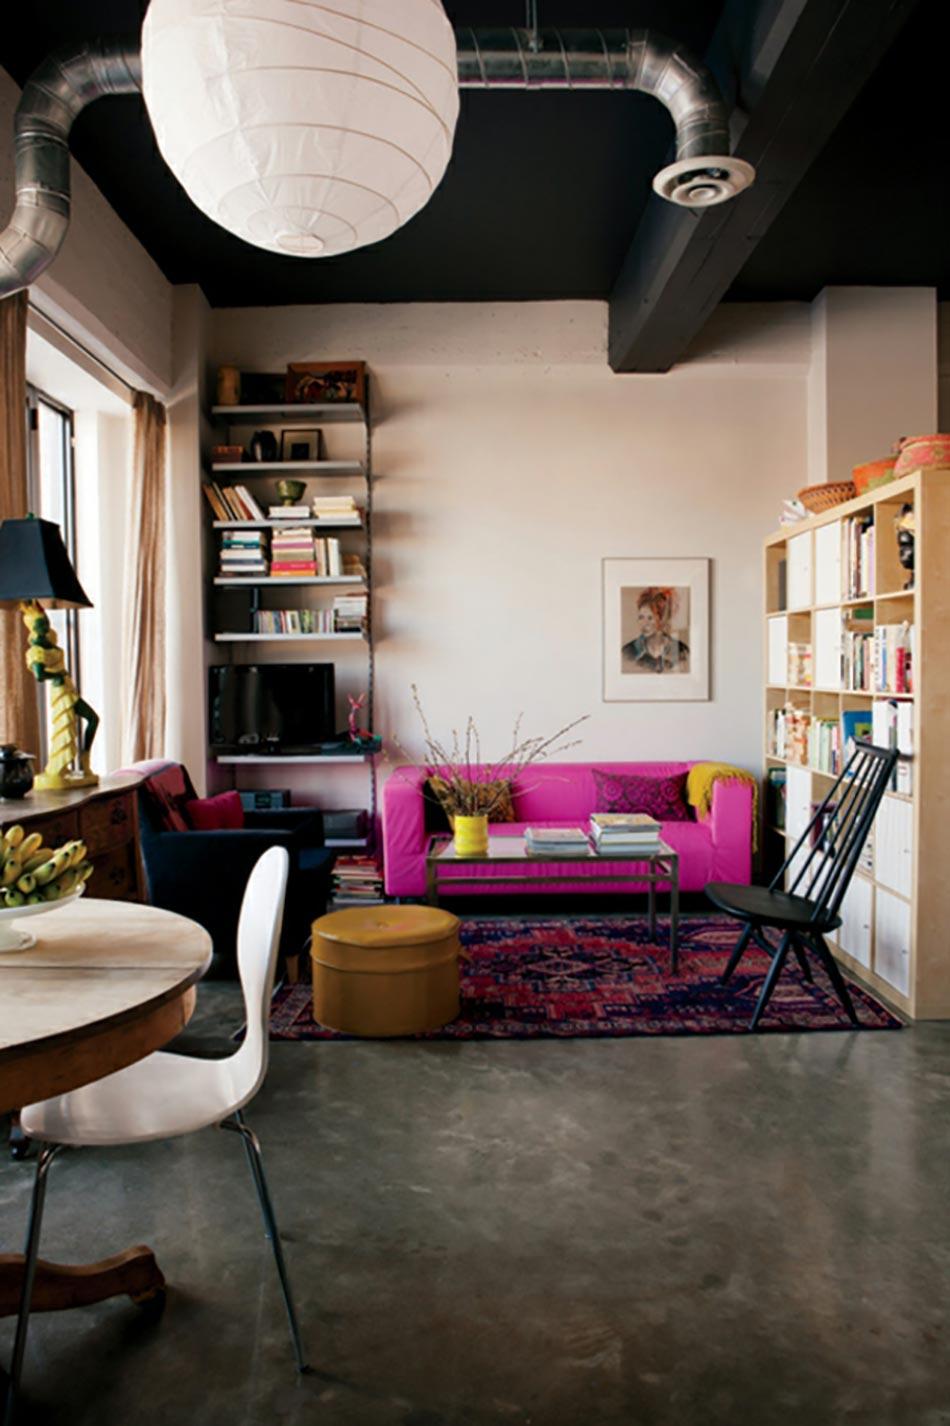 15 s jours anim s par un style industriel contemporain design feria. Black Bedroom Furniture Sets. Home Design Ideas